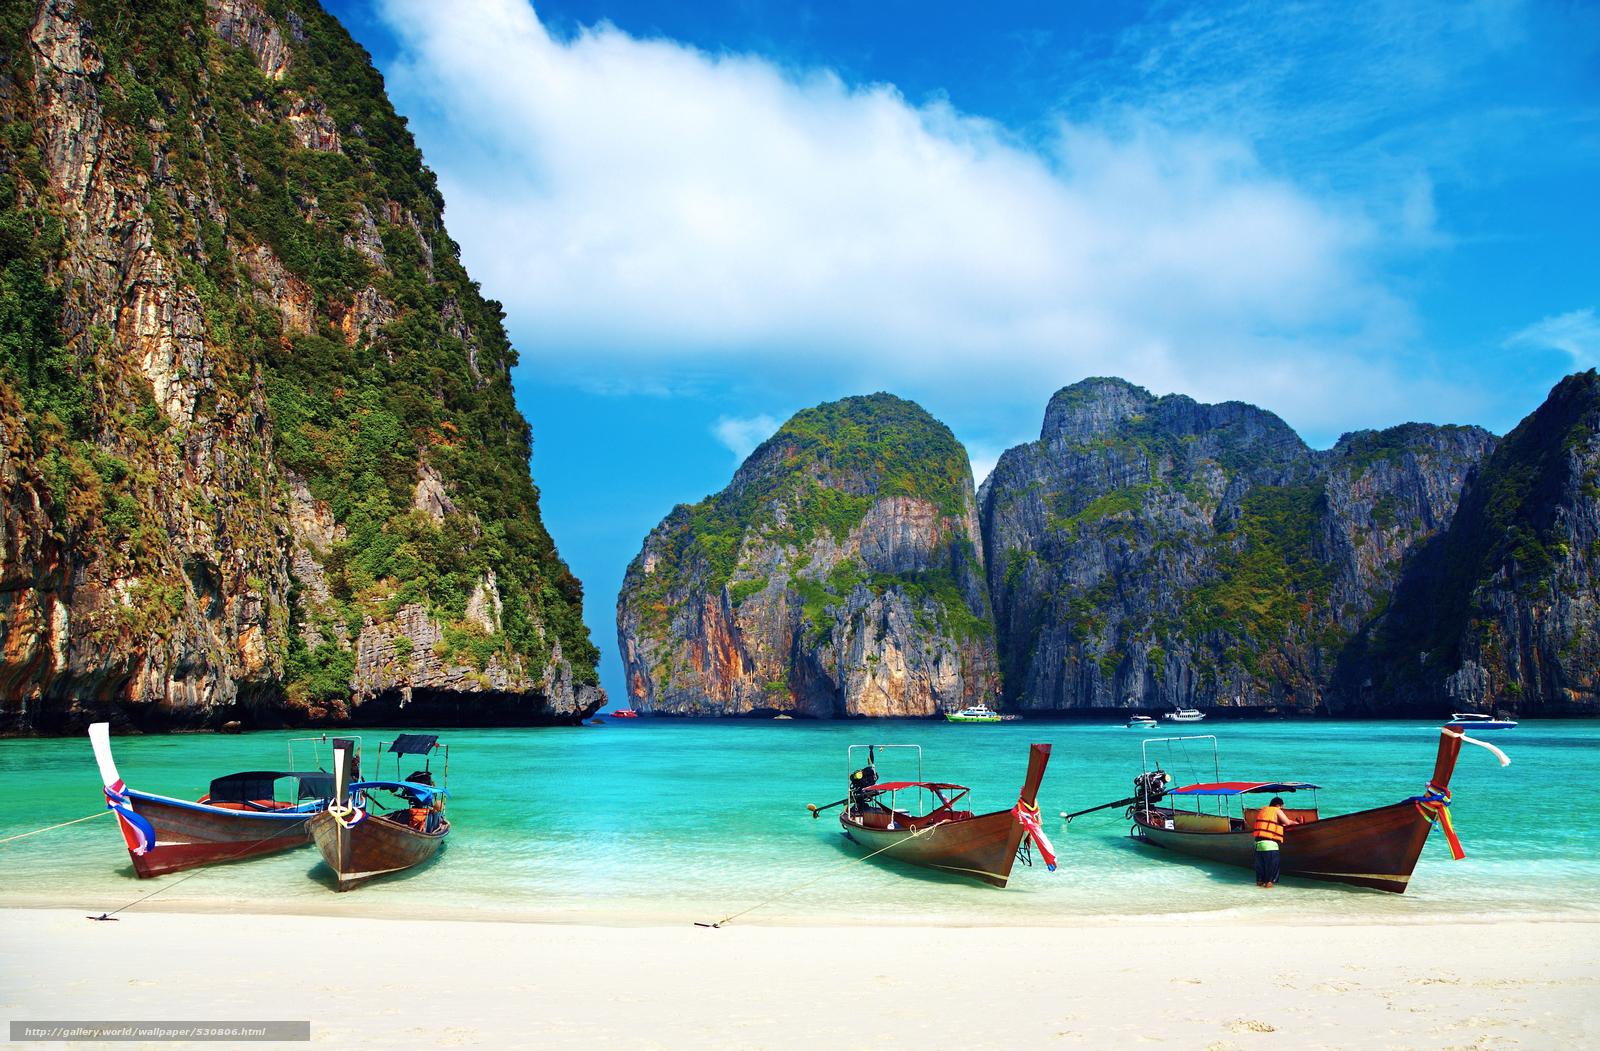 Download wallpaper thailand tropics beach Boat 1600x1051